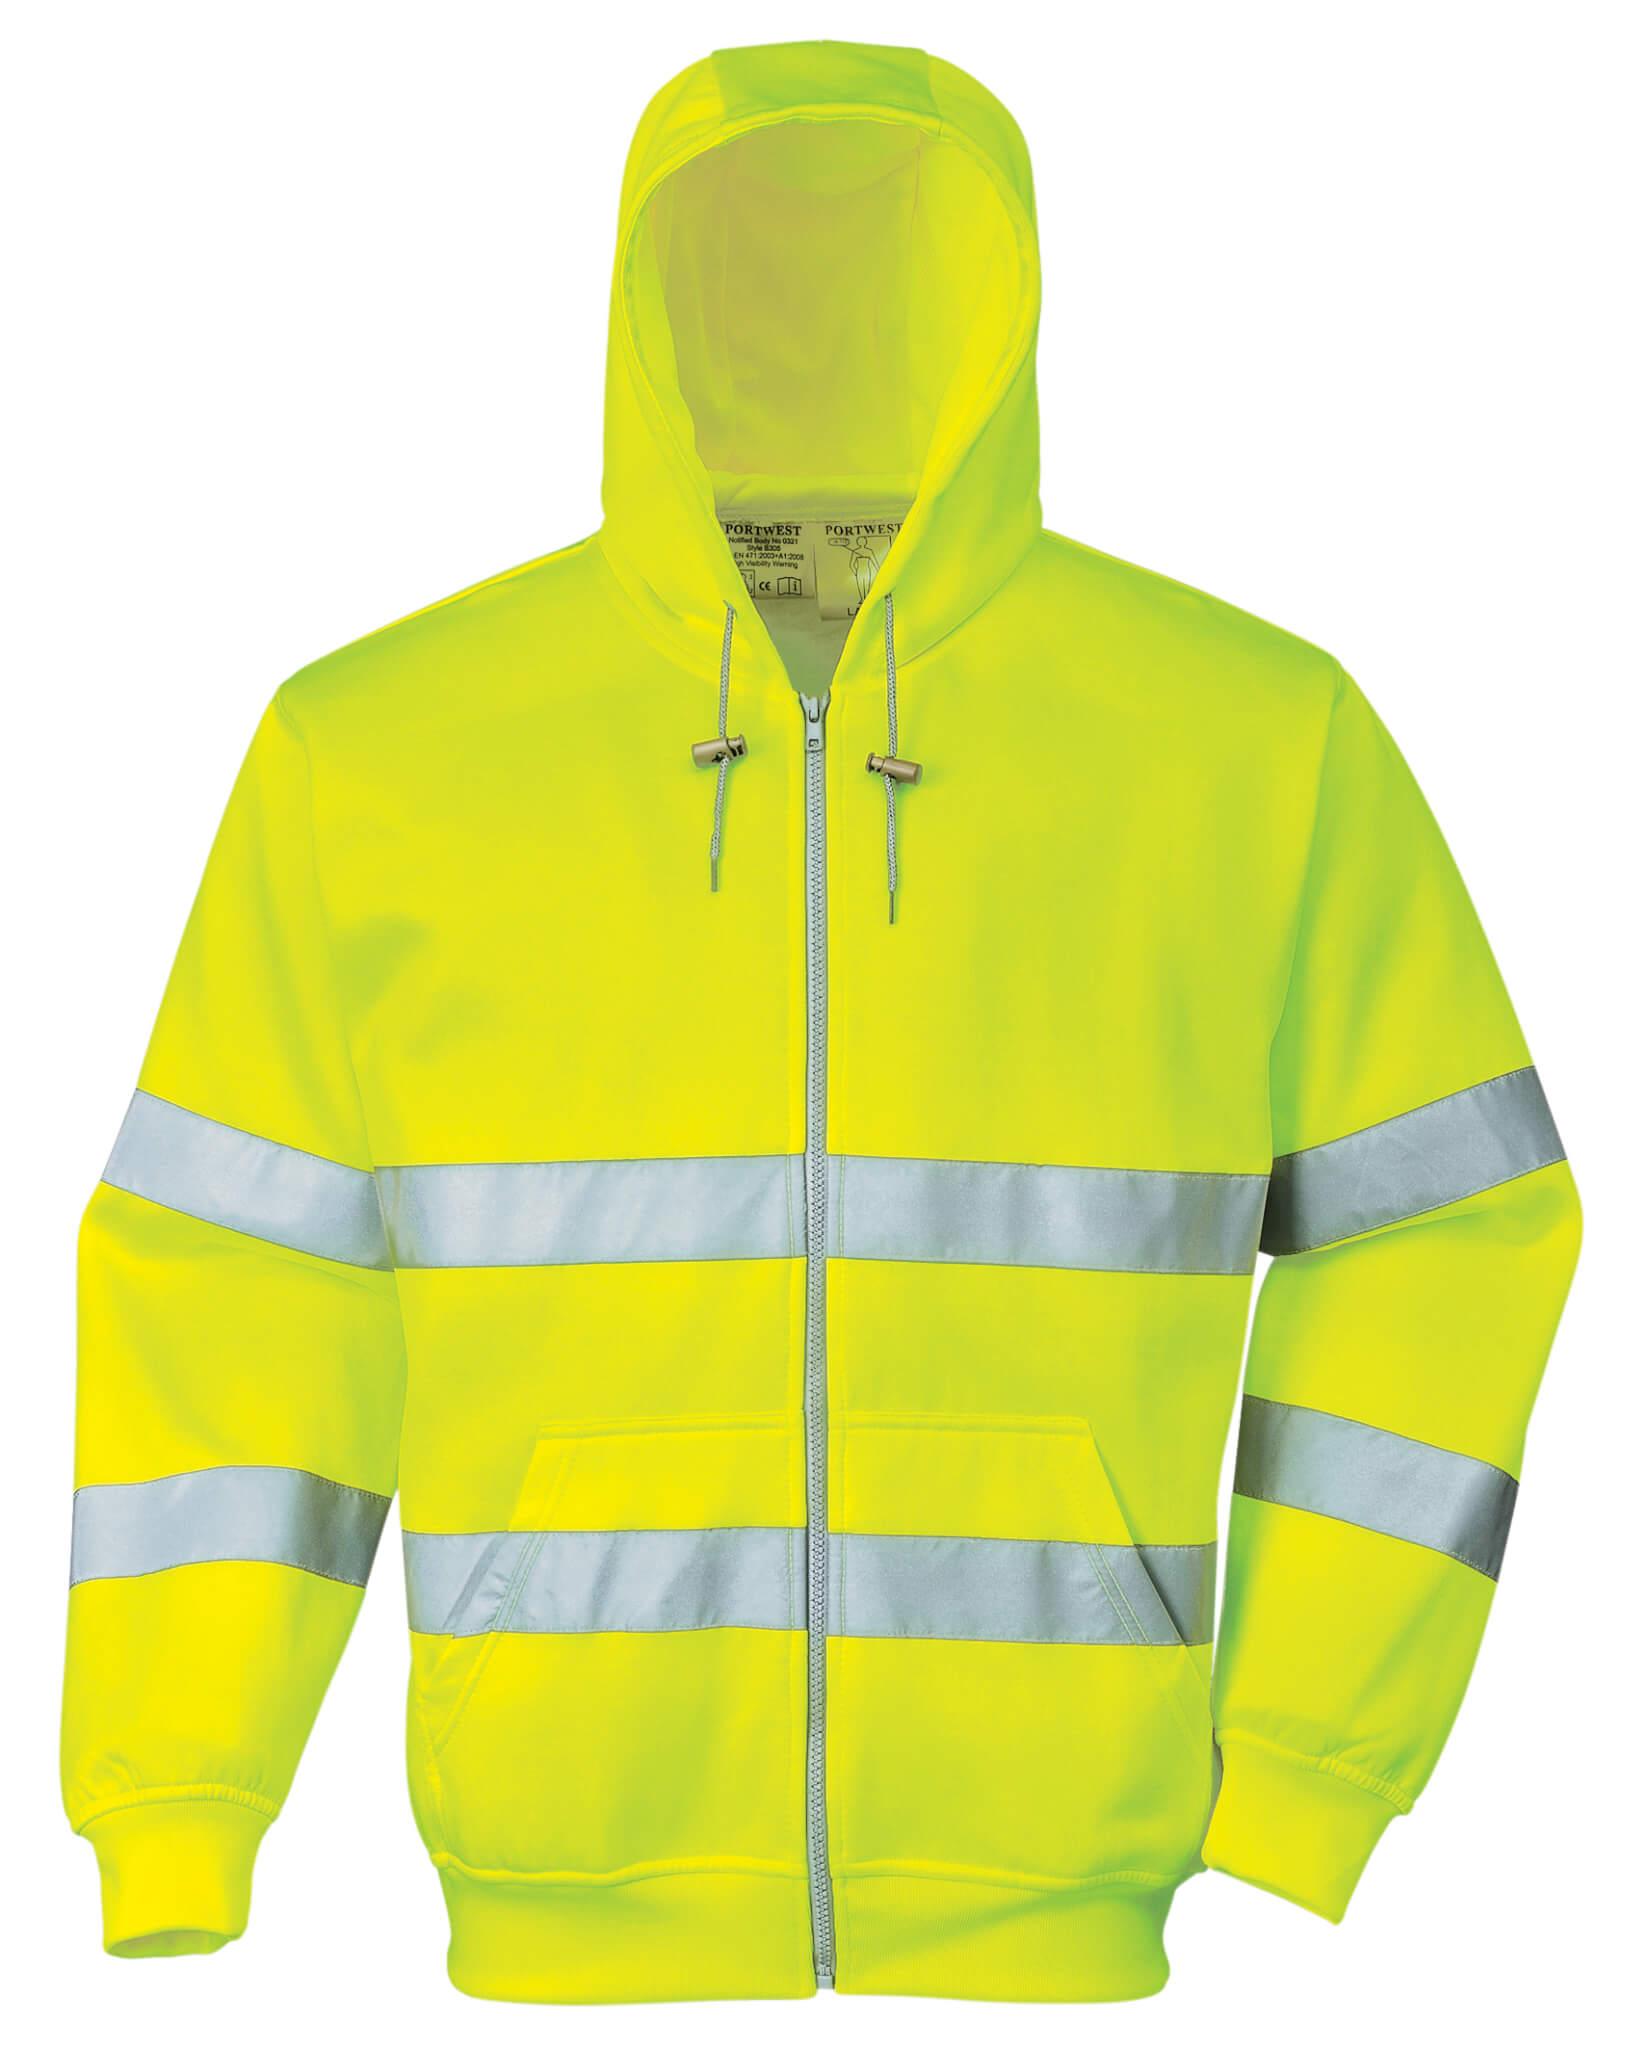 Főoldal Munkaruha Jólláthatósági ruházat Láthatósági pulóver PORTWEST HiVis  zippzáros fluo sárga pulóver.    28830041ae